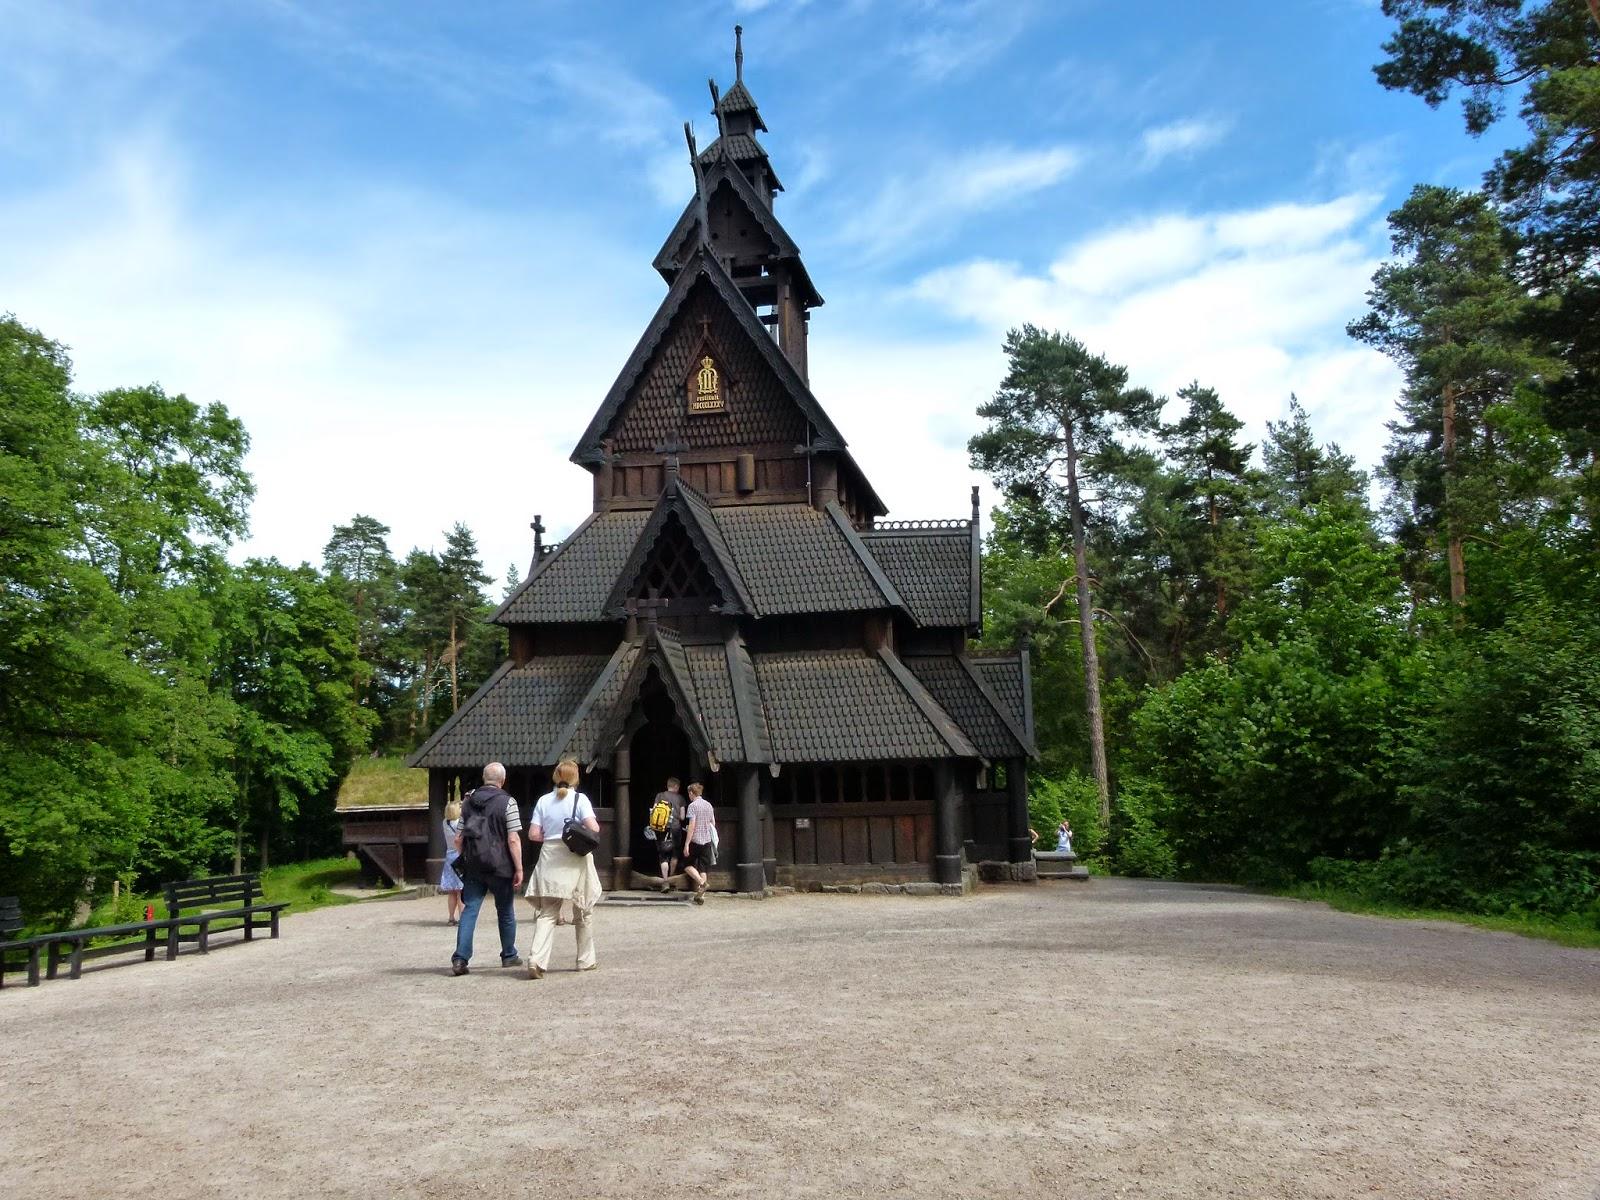 norsk folkemuseum oslo